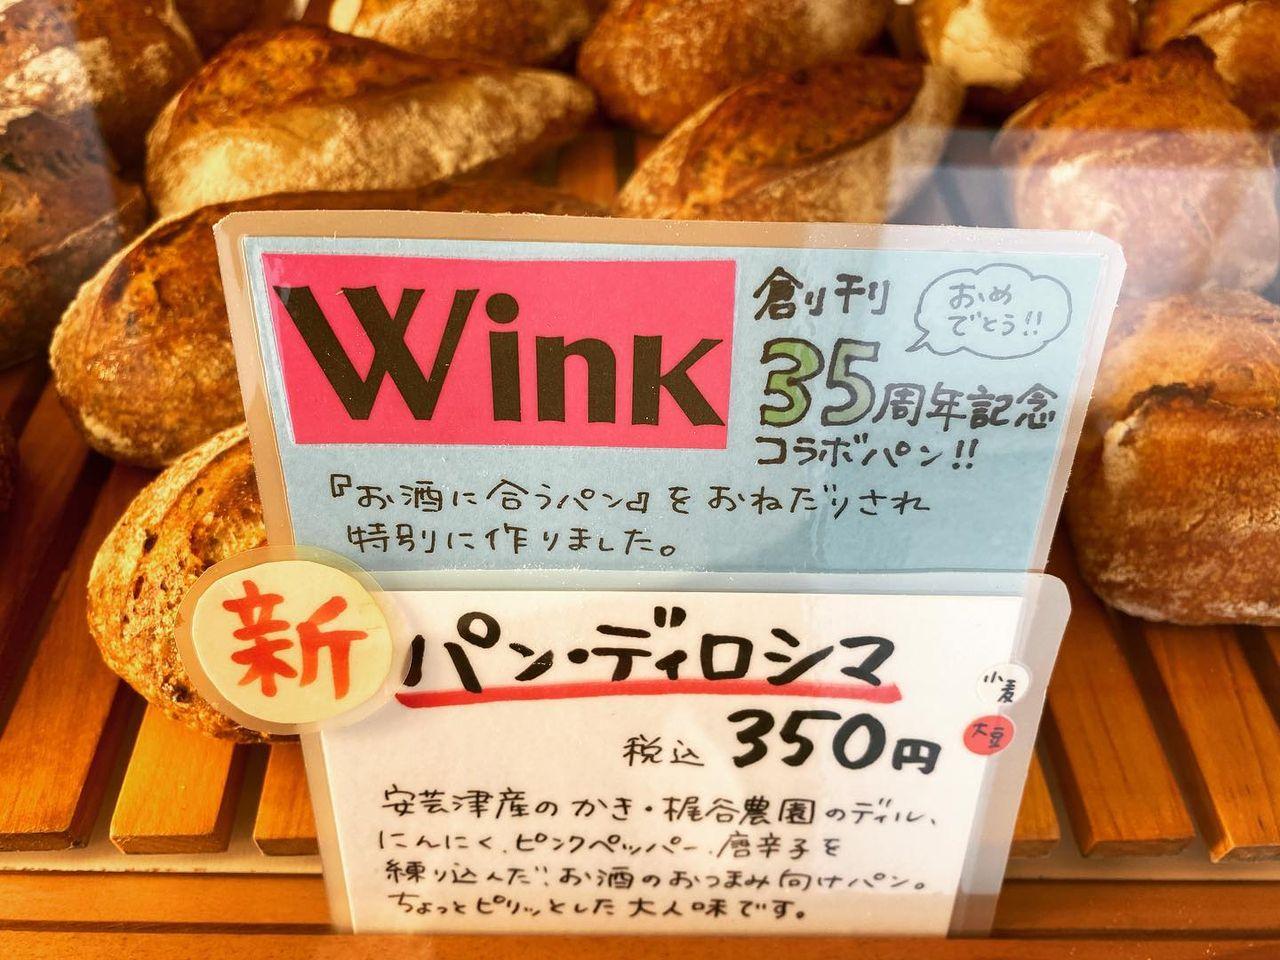 ジョルジュさんで、当店の牡蠣とハーブを練りこんだ「パン・ディロシマ」発売中